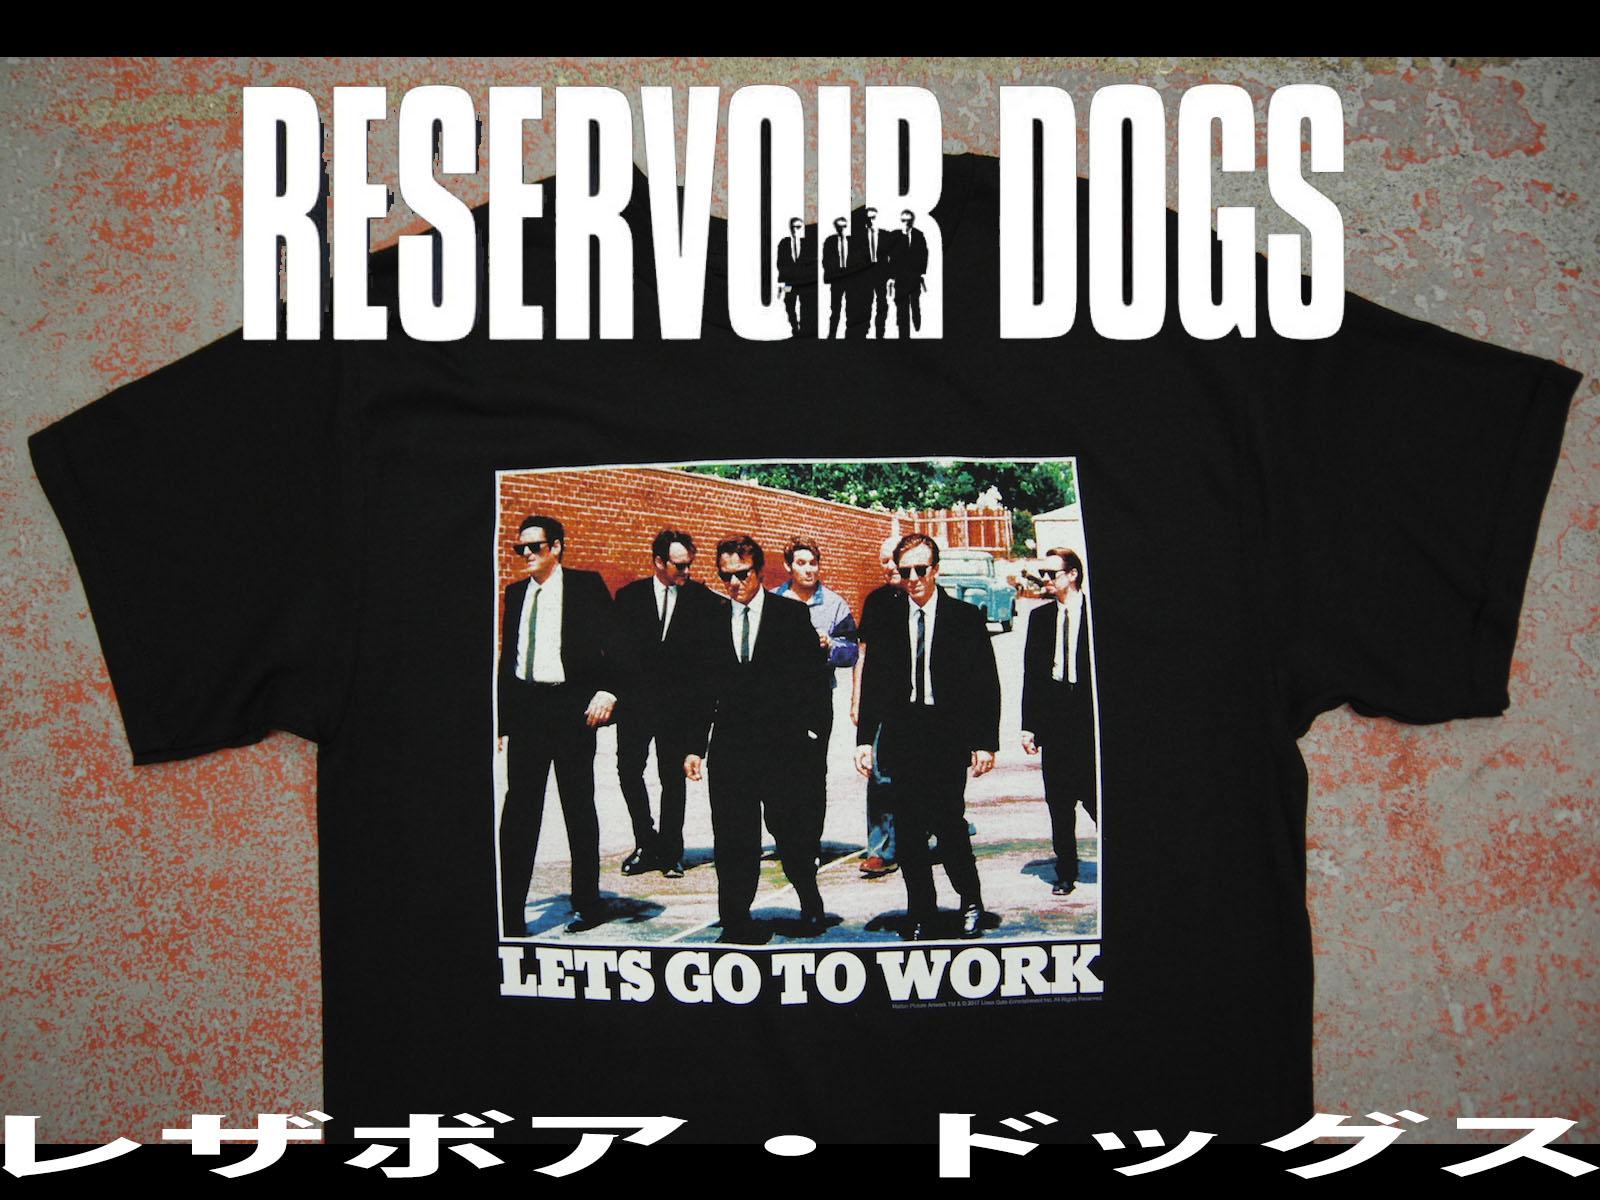 レザボア・ドッグス オフィシャルTシャツ